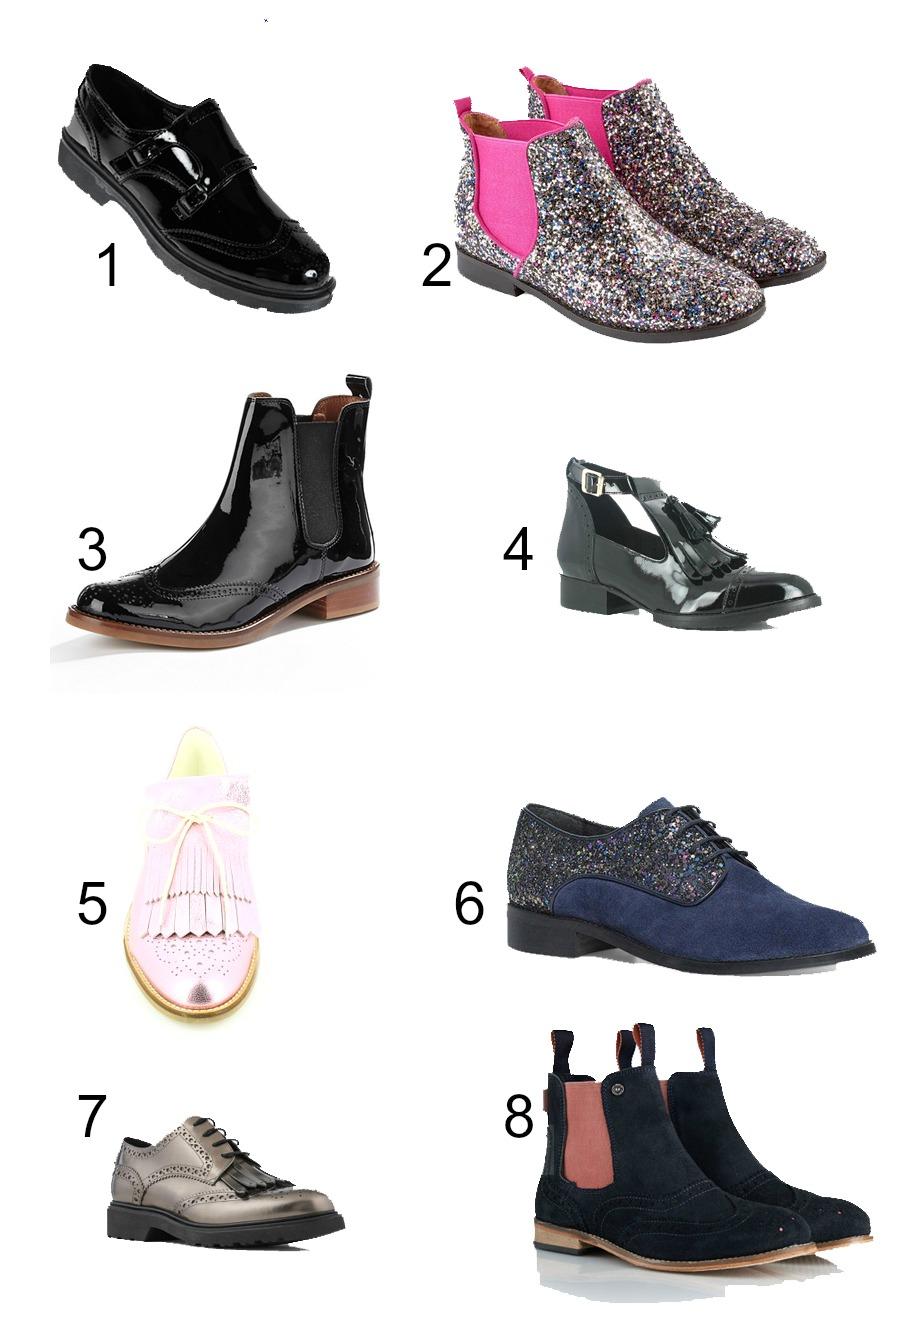 L'hiver Et D'amour Pour Derbies Boots wAI0xzpqz